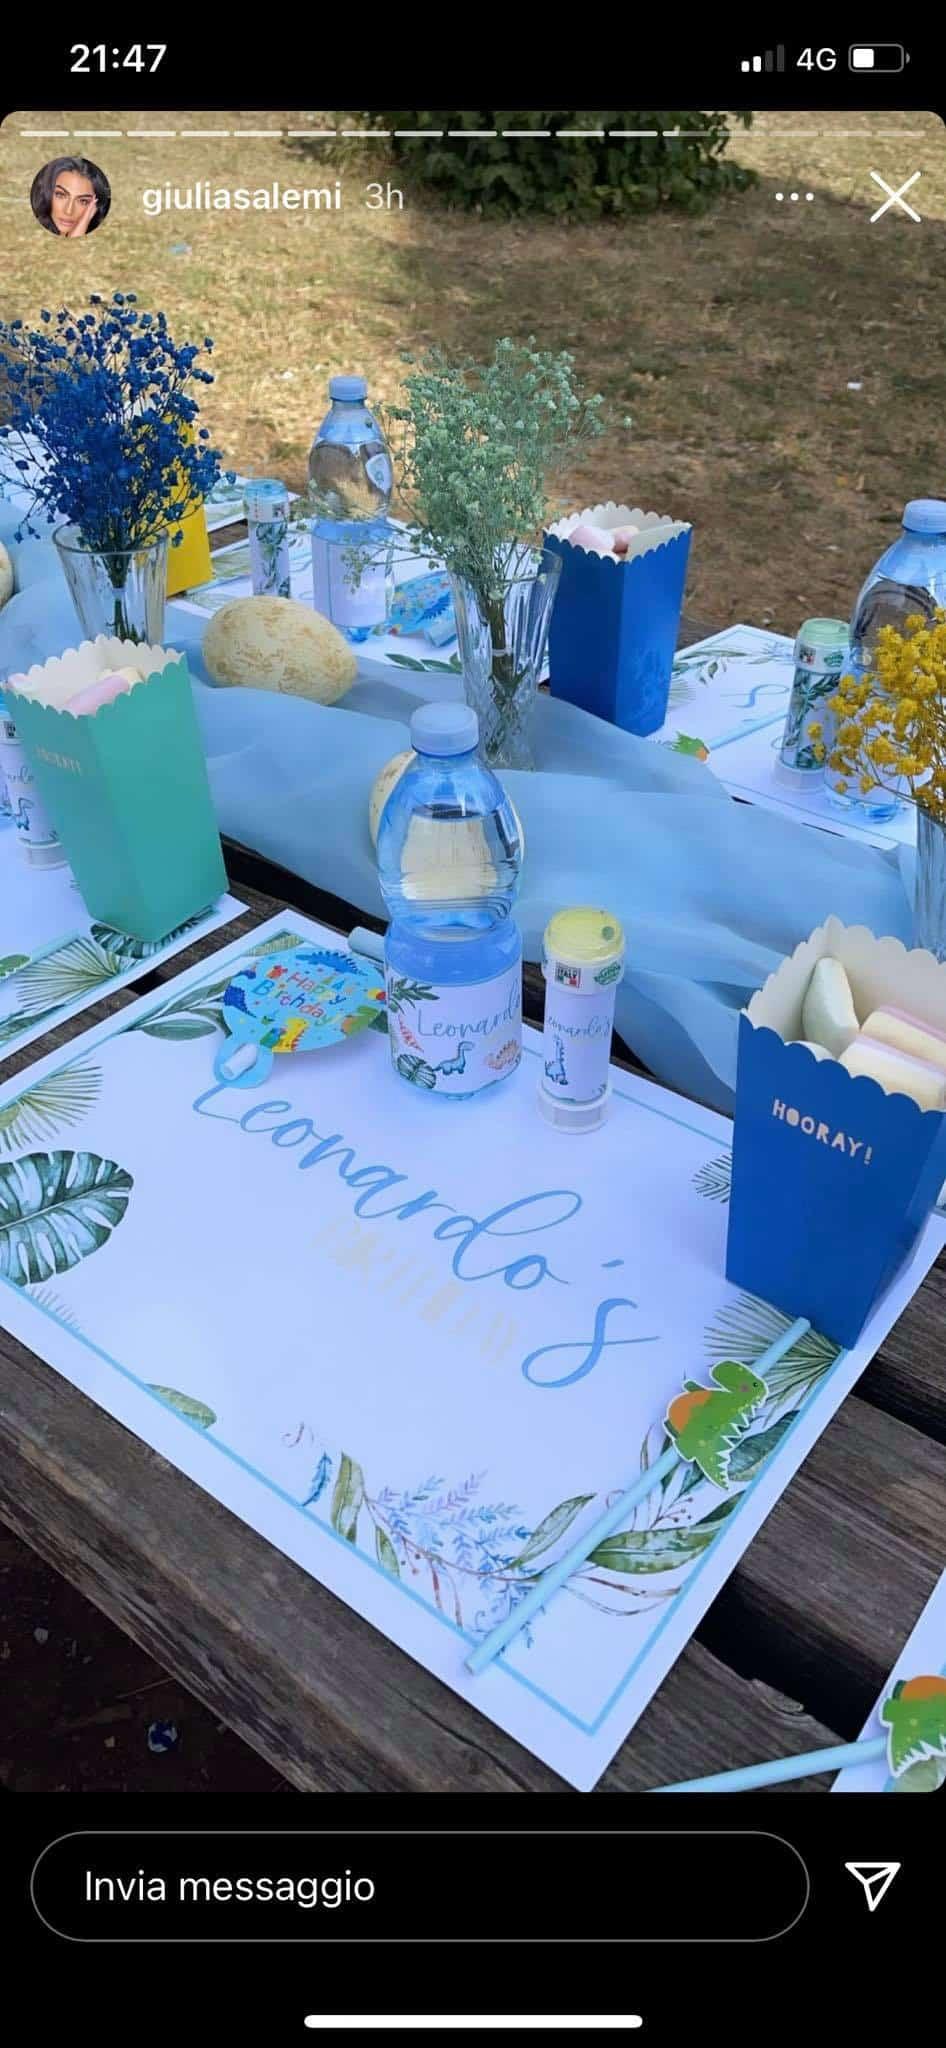 Giulia Salemi e le dolci dediche a Pierpaolo e Ariadna per il compleanno di Leo (FOTO)